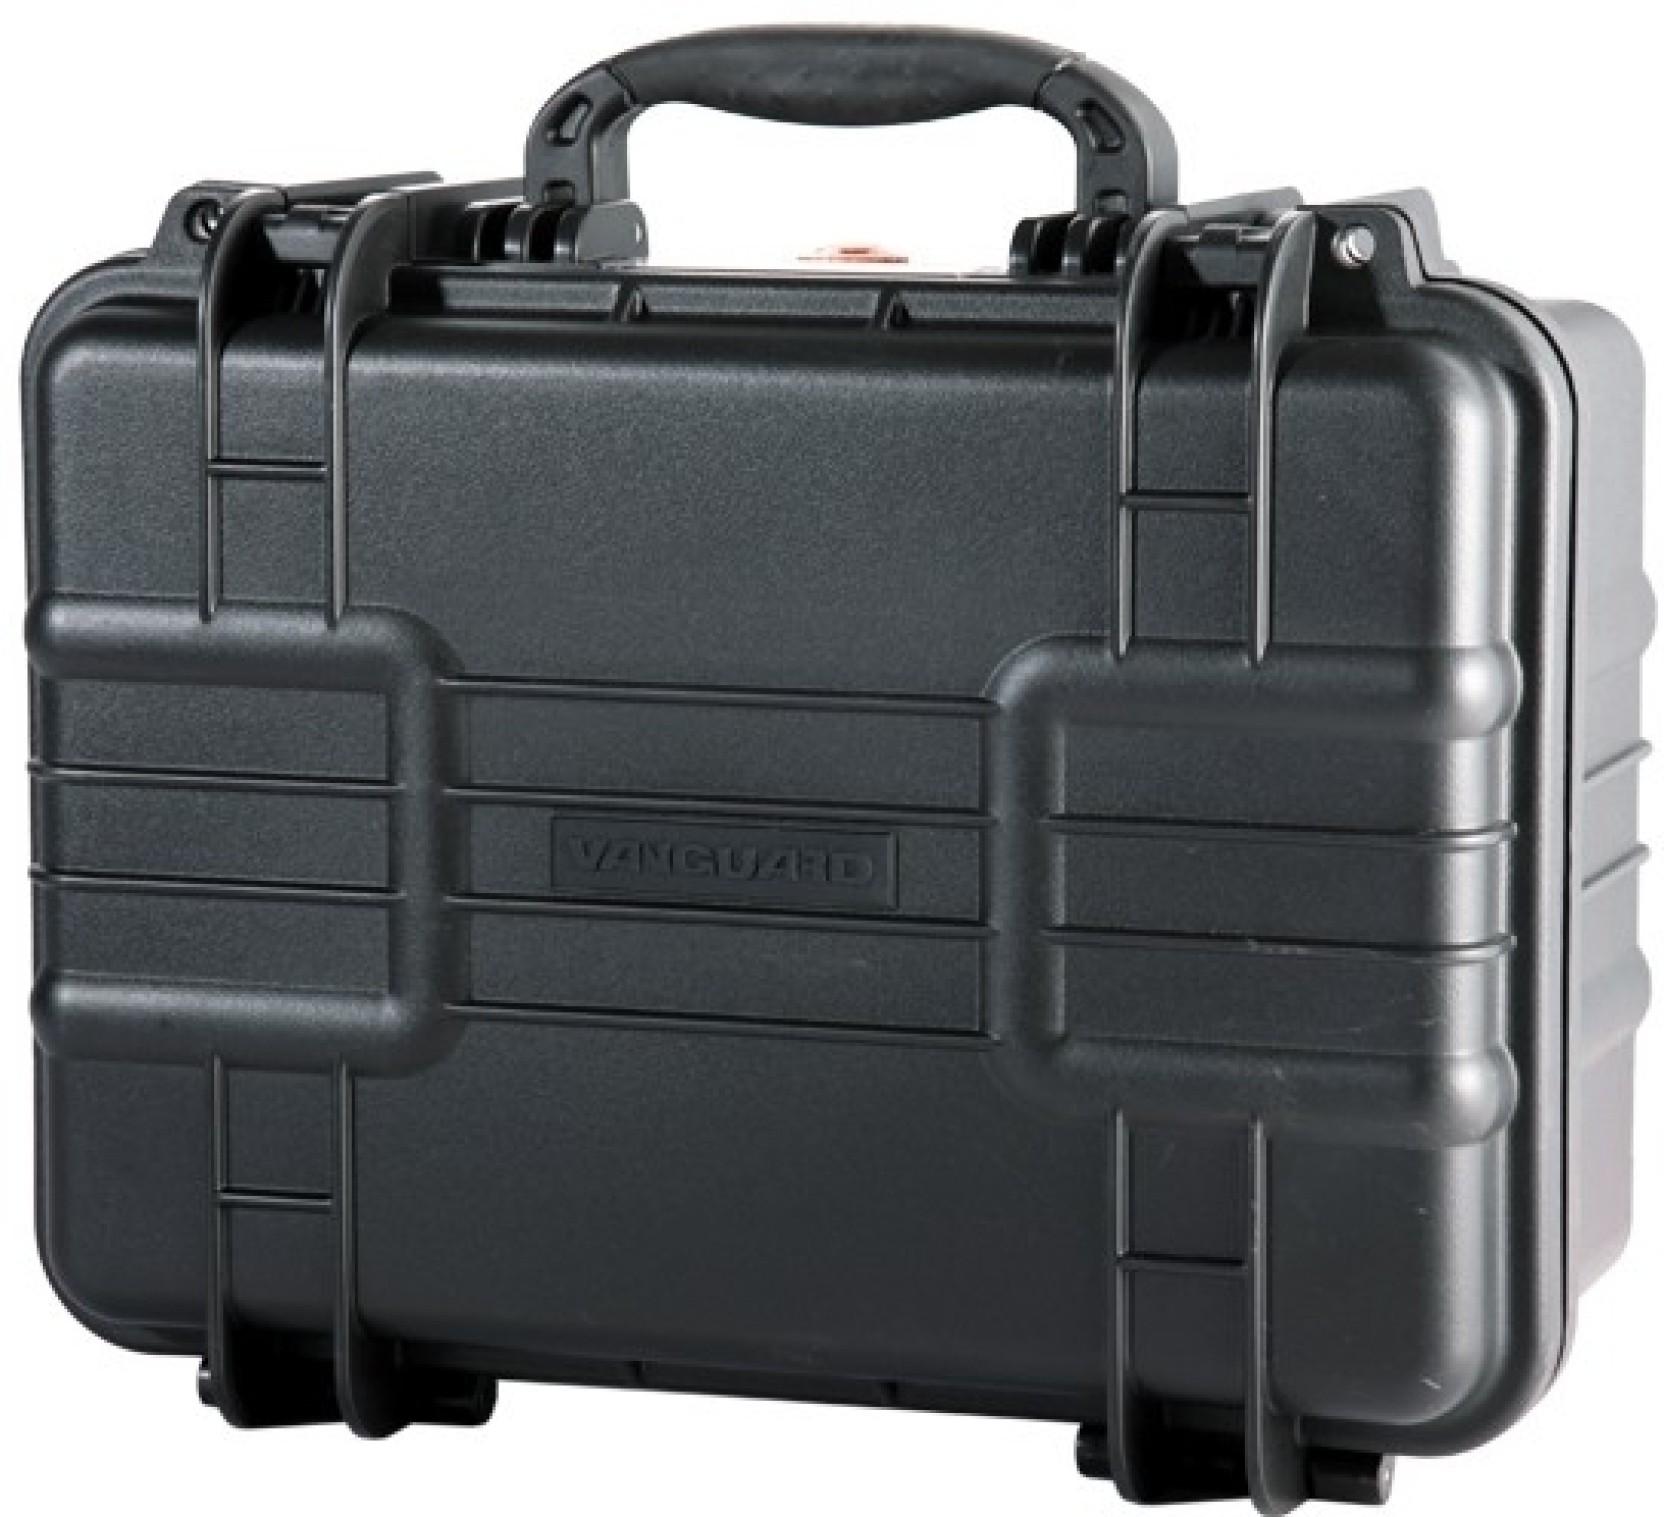 Vanguard Supreme 37f Hard Case Camera Bag Vojo 13 Share